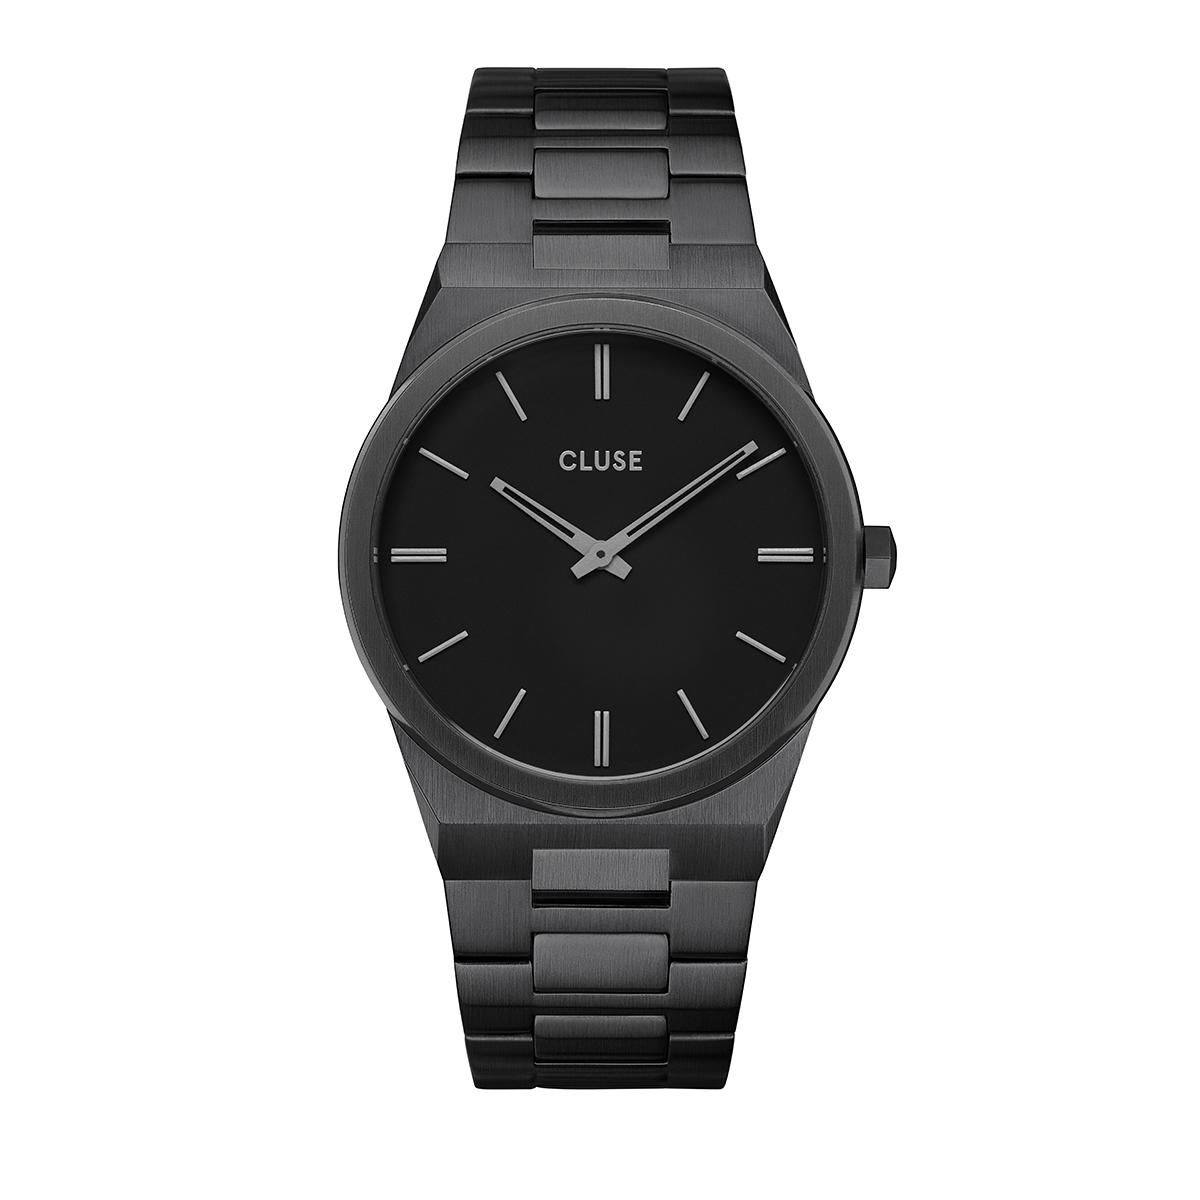 滝沢カレン 着用 40mm - CW0101503005 ヴィグルー40 Hリンク フルブラック CLUSE クルース 腕時計